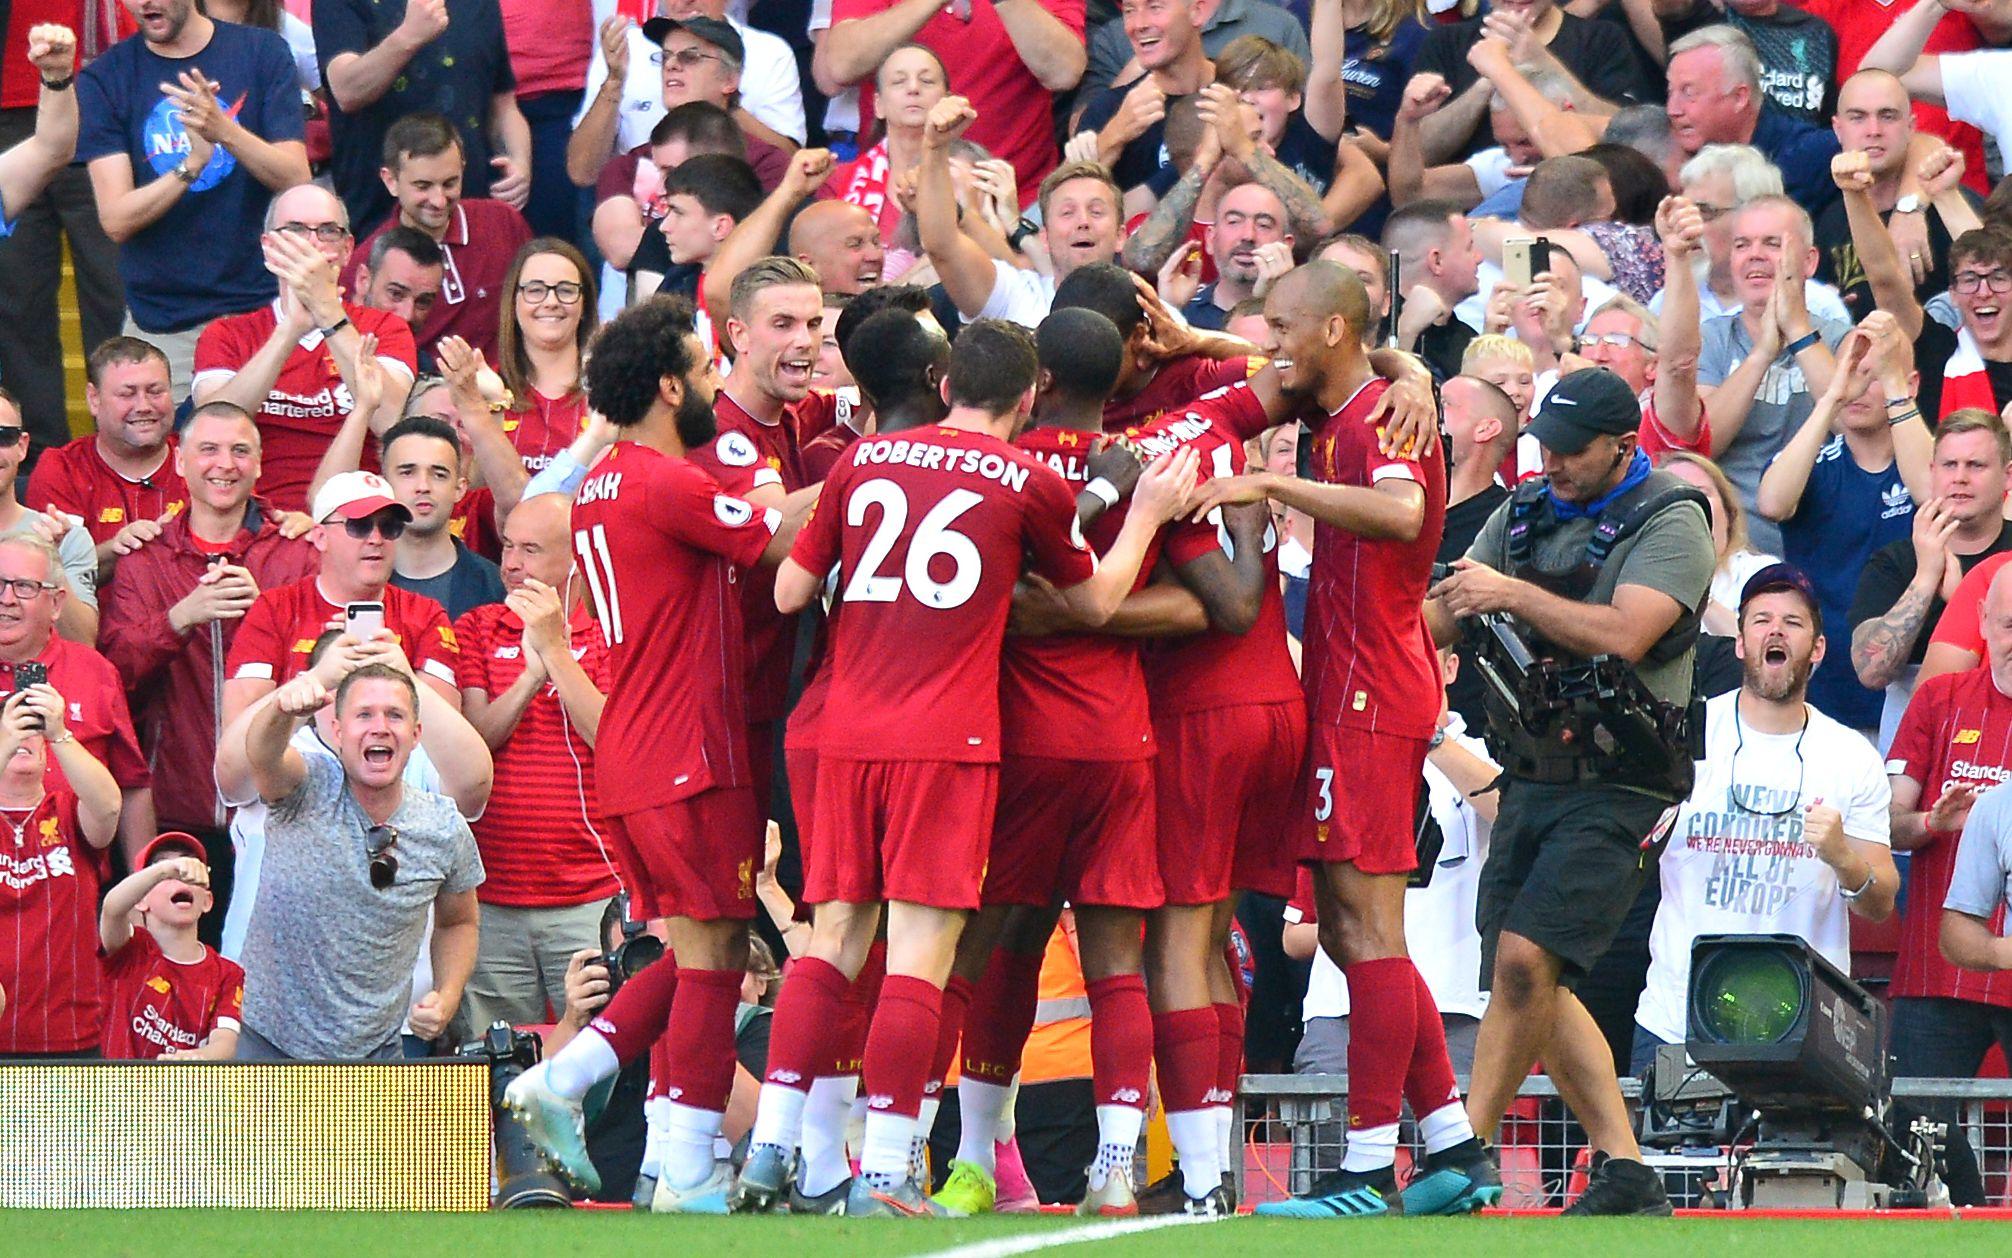 英超跨赛季12连胜,领头羊利物浦平队史纪录